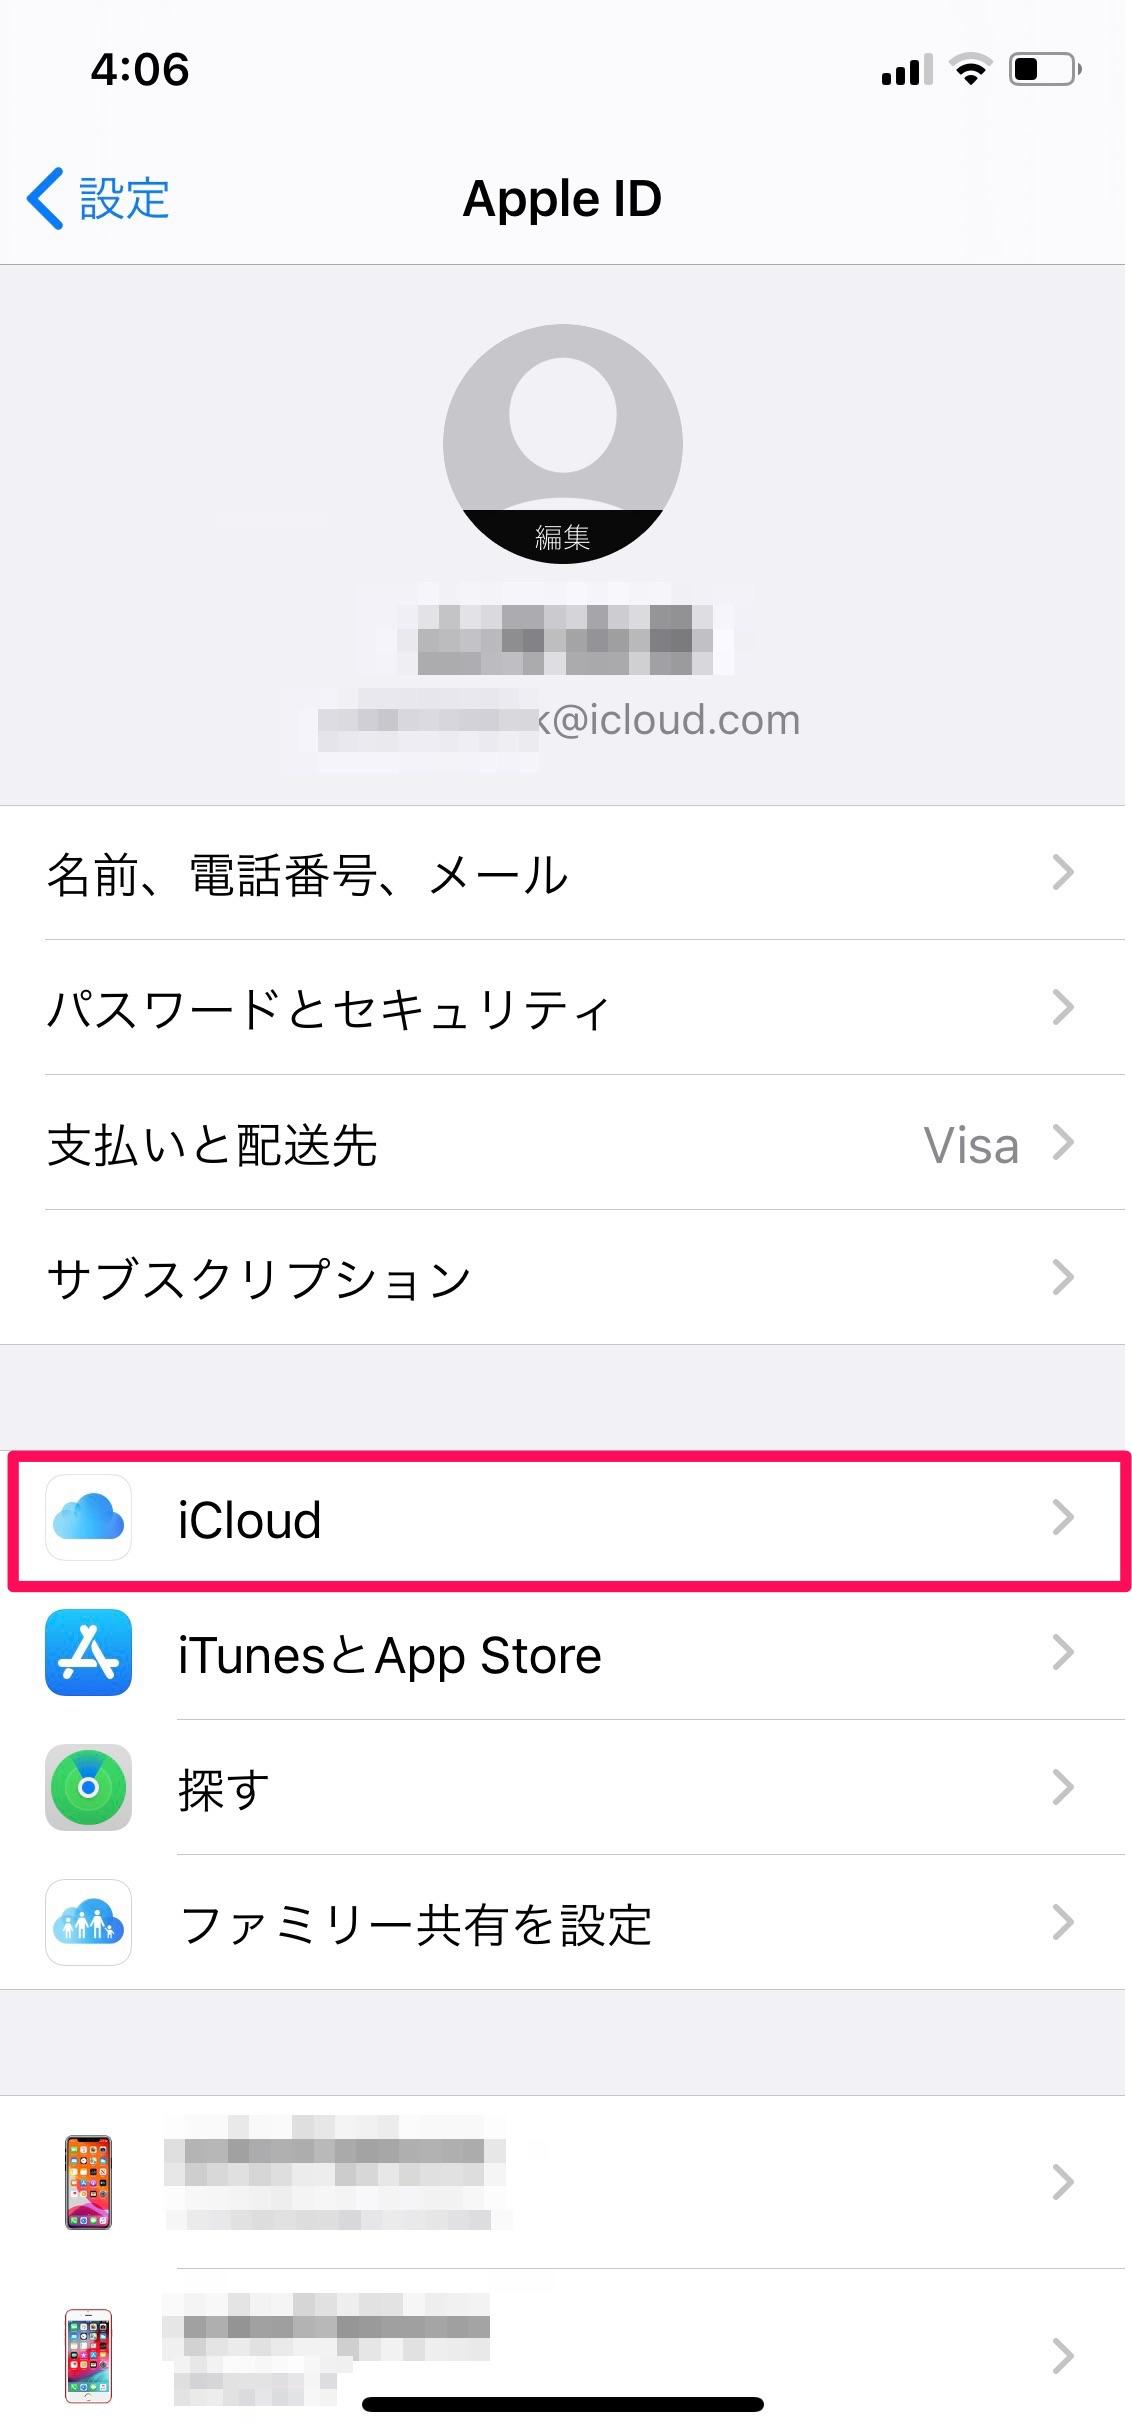 App Store iCloud クリック